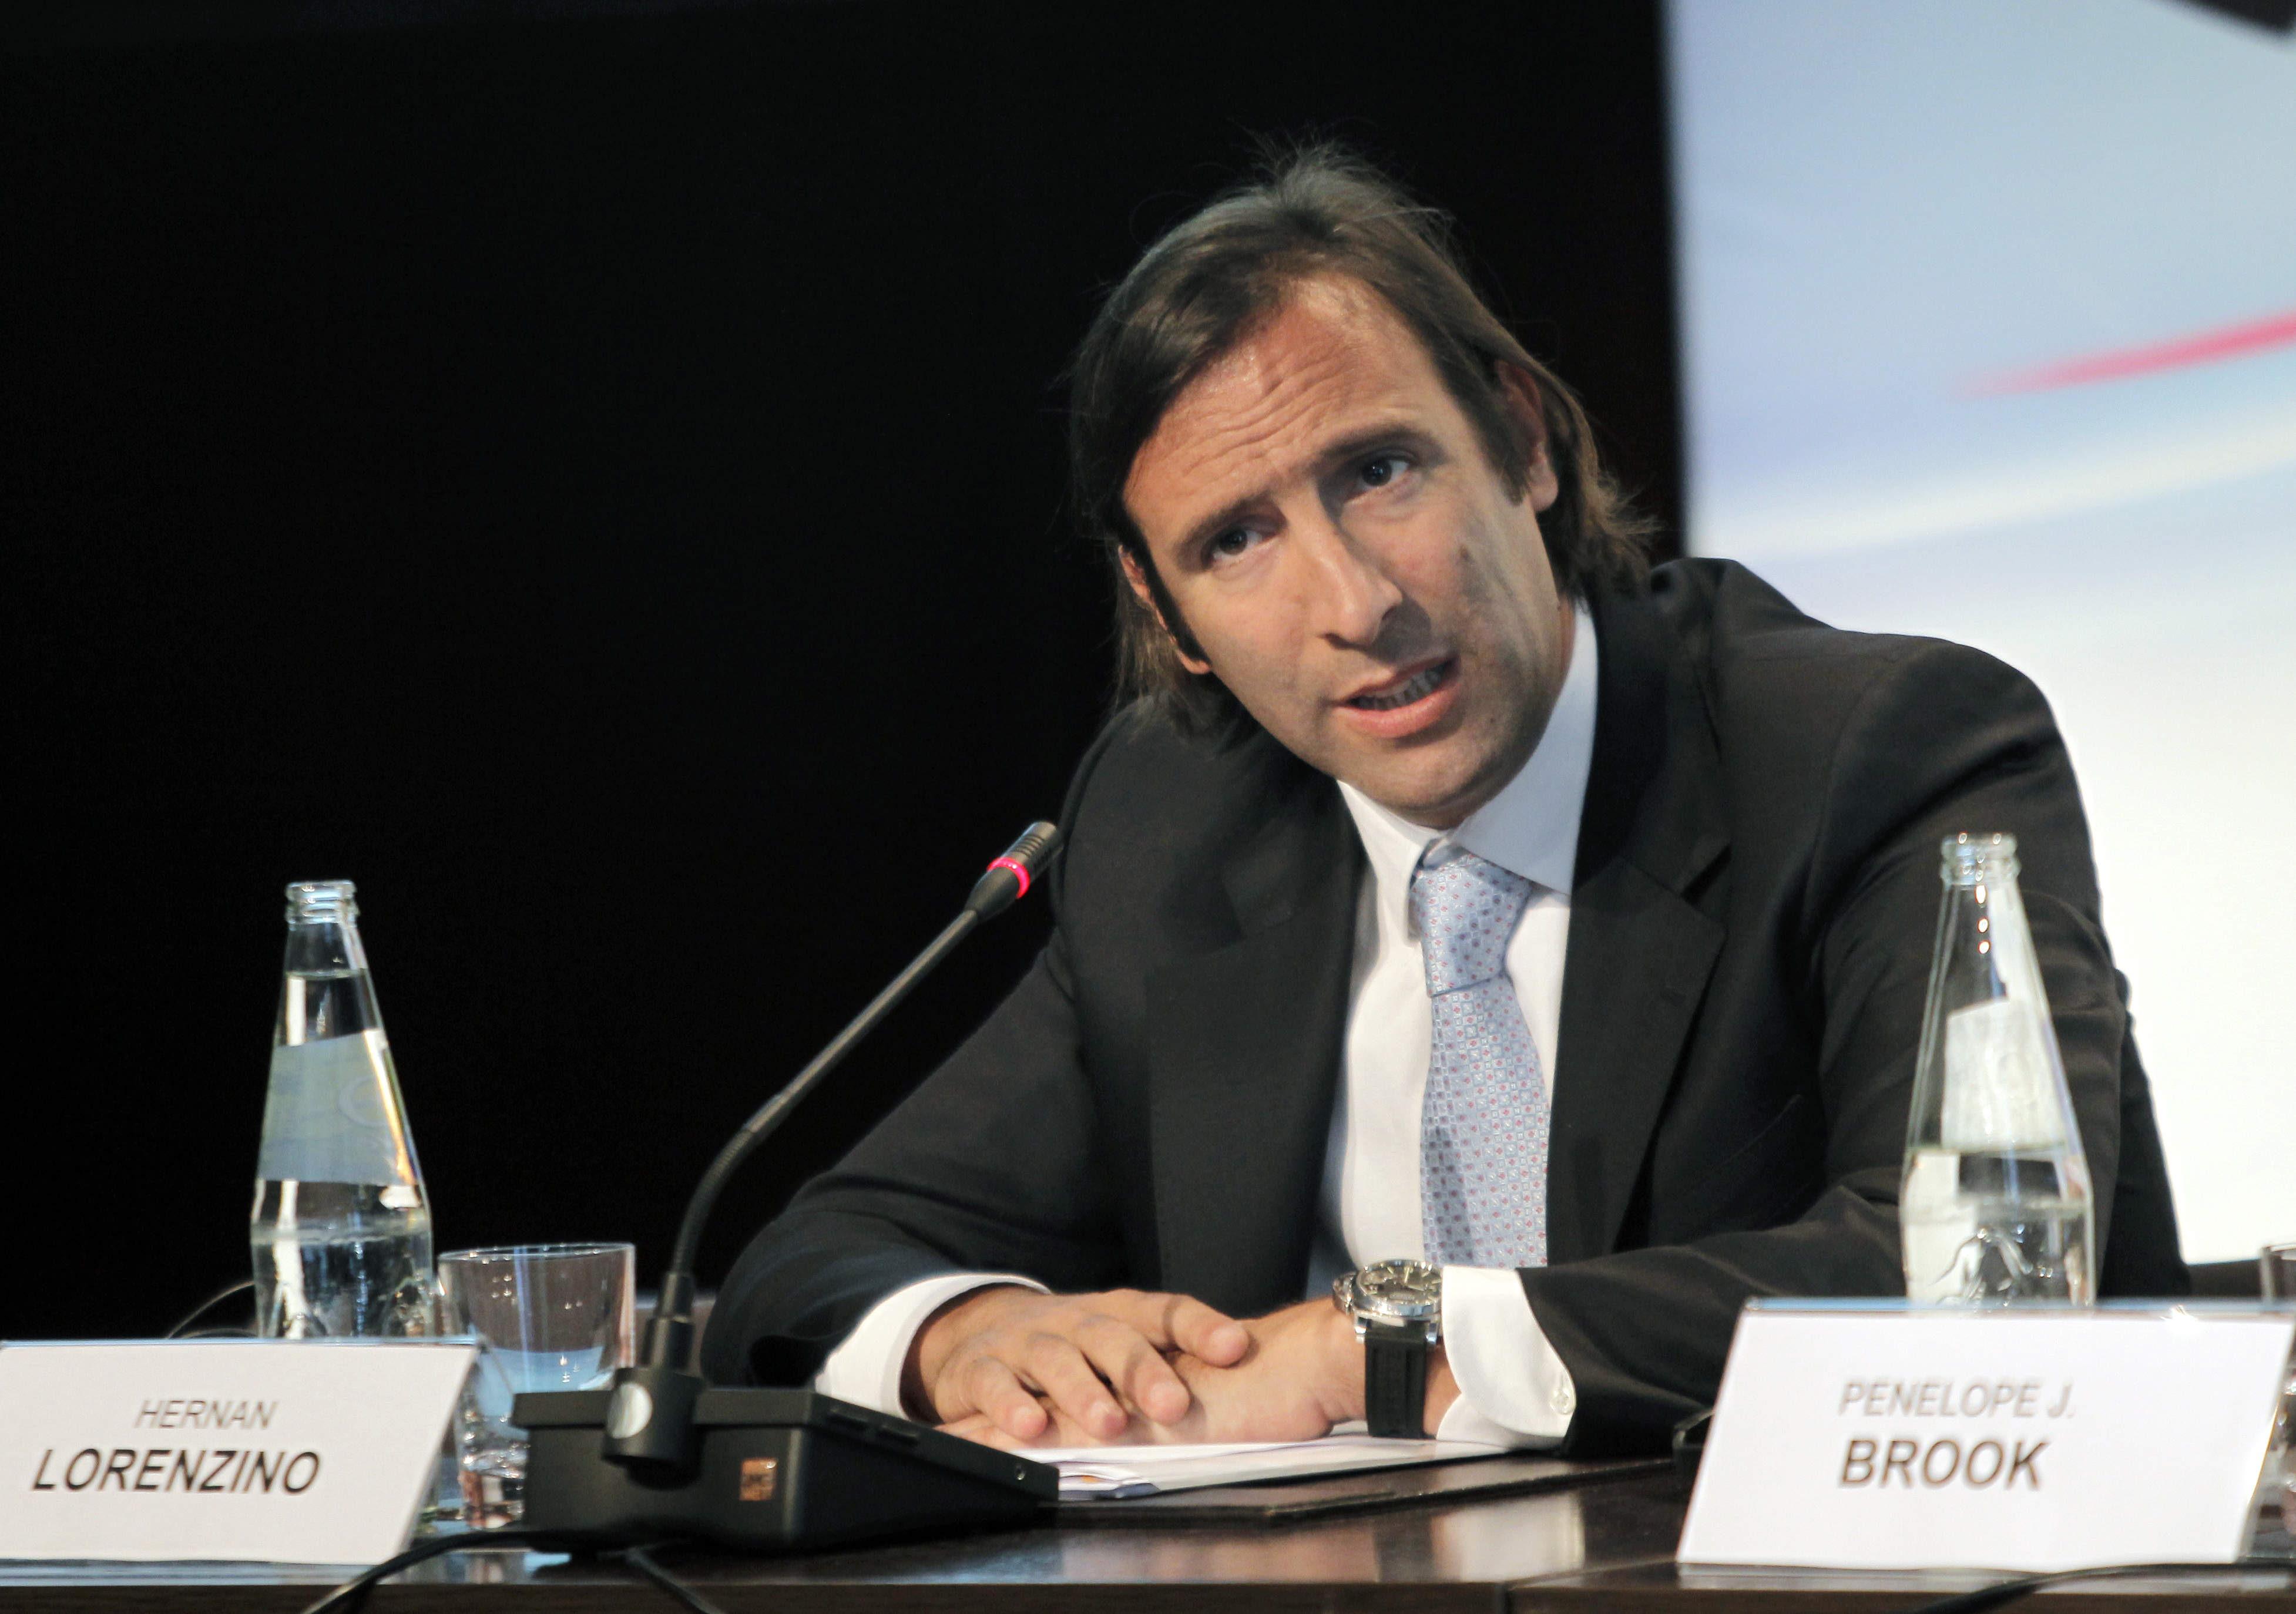 El ministro de finanzas argentino corta una entrevista para evitar hablar de la inflación